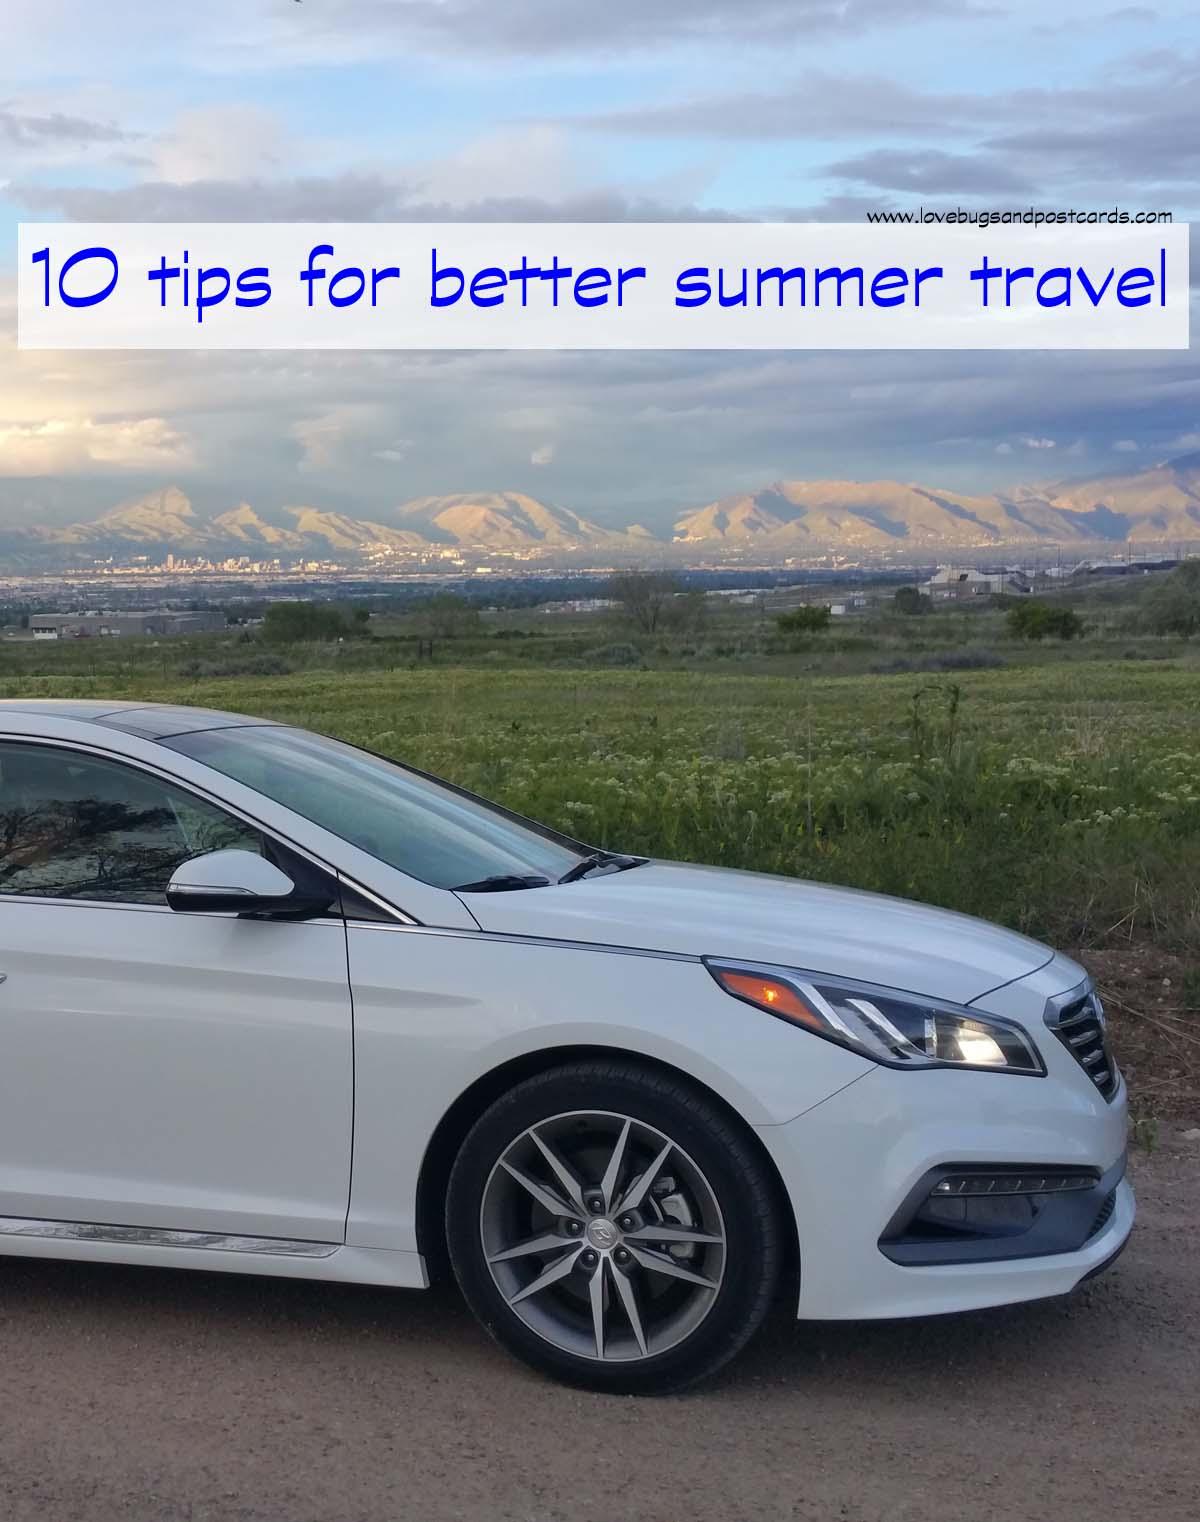 10 Tips for Better Summer Travel